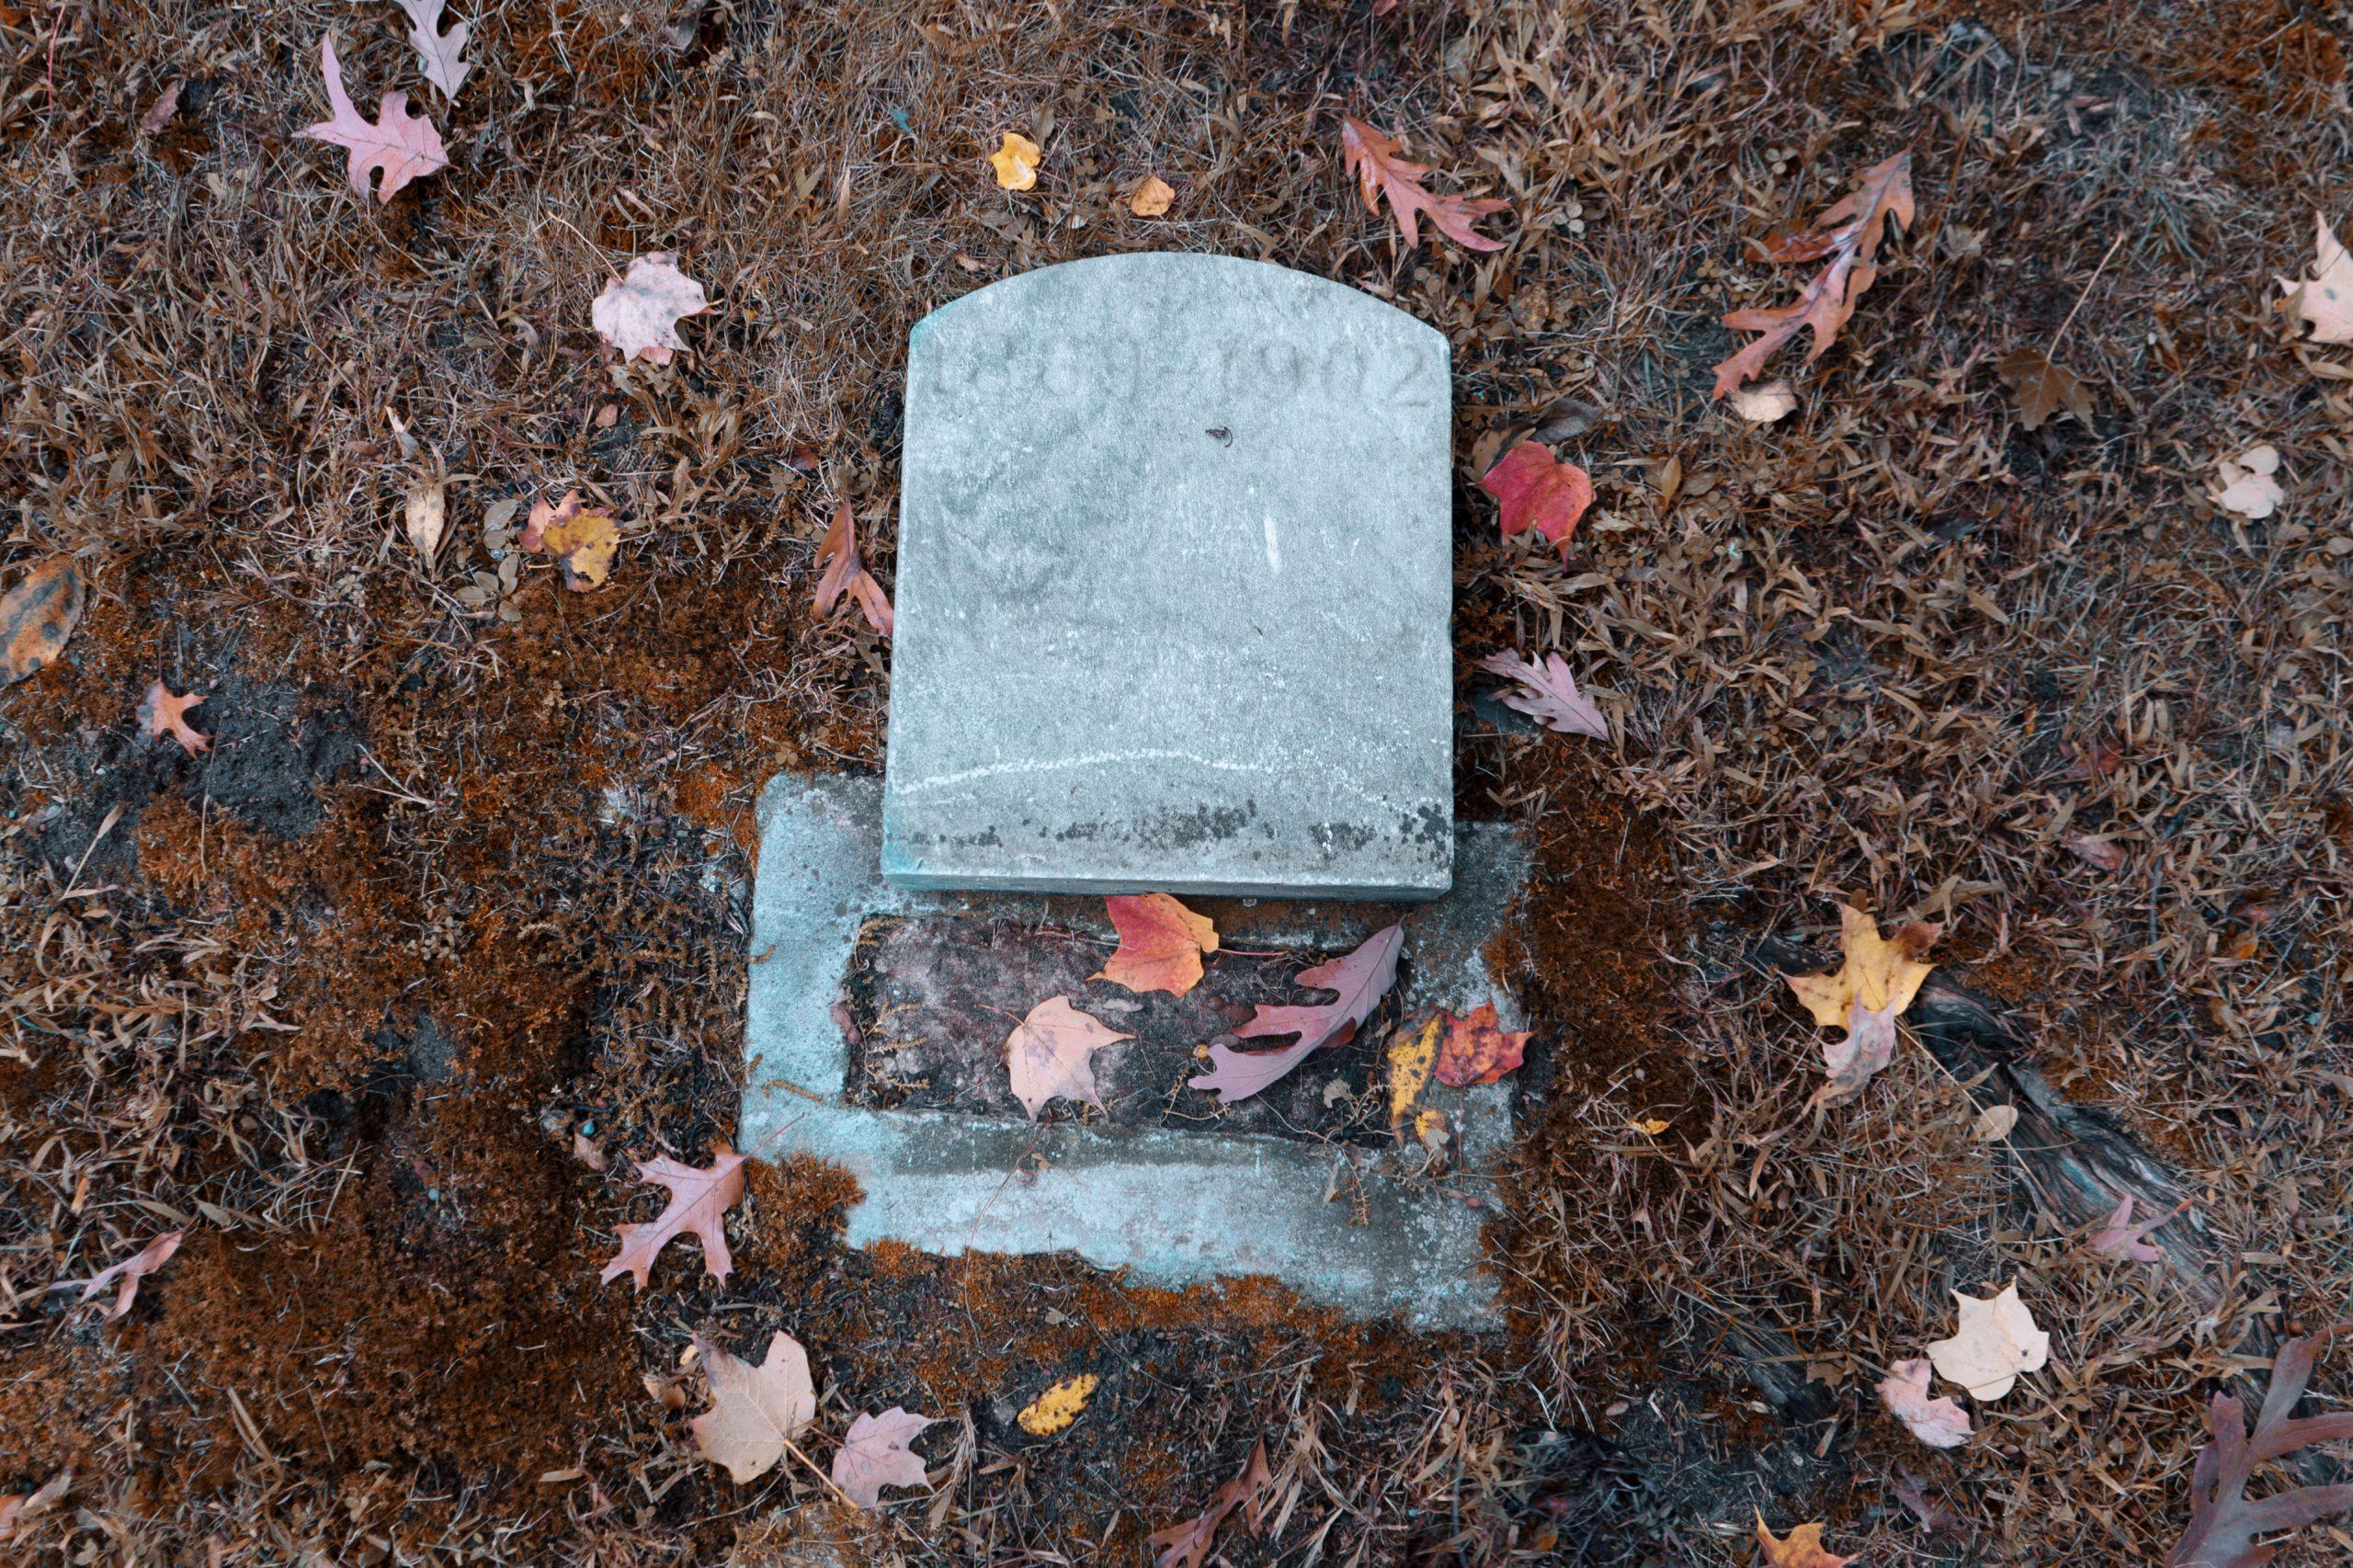 A fallen headstone in Lakeside Cemetery